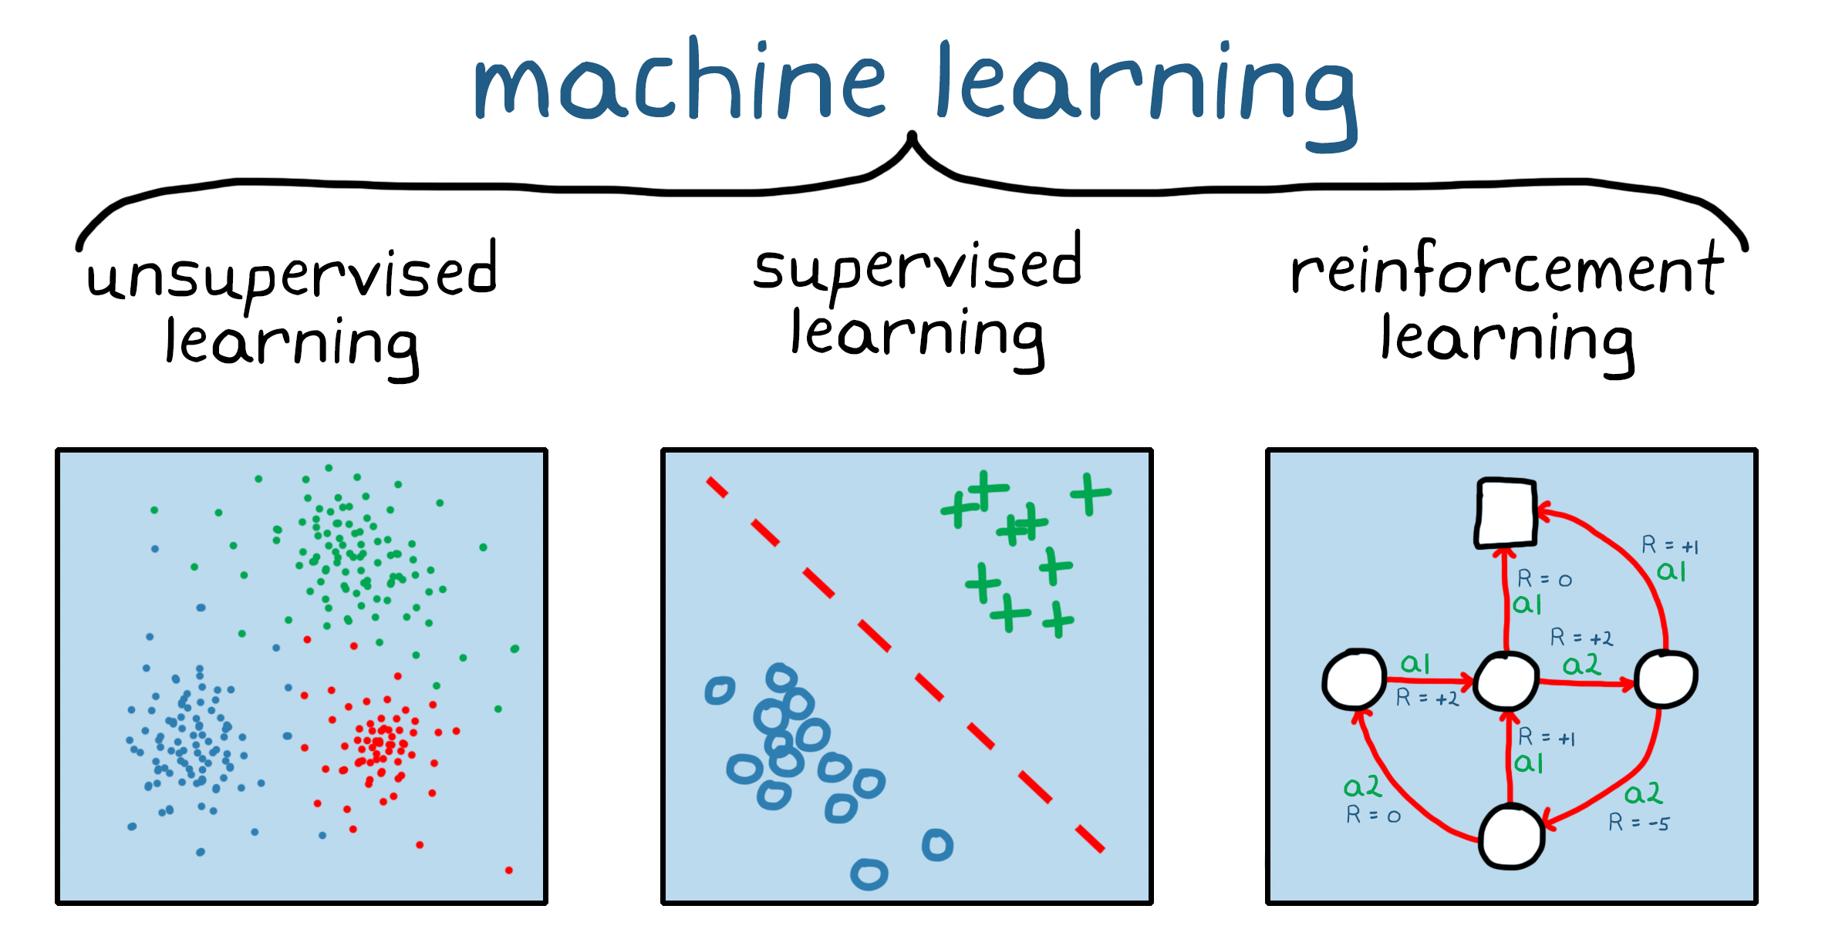 Figura 1. Tres categorías generales de machine learning: aprendizaje no supervisado, aprendizaje supervisado y reinforcement learning